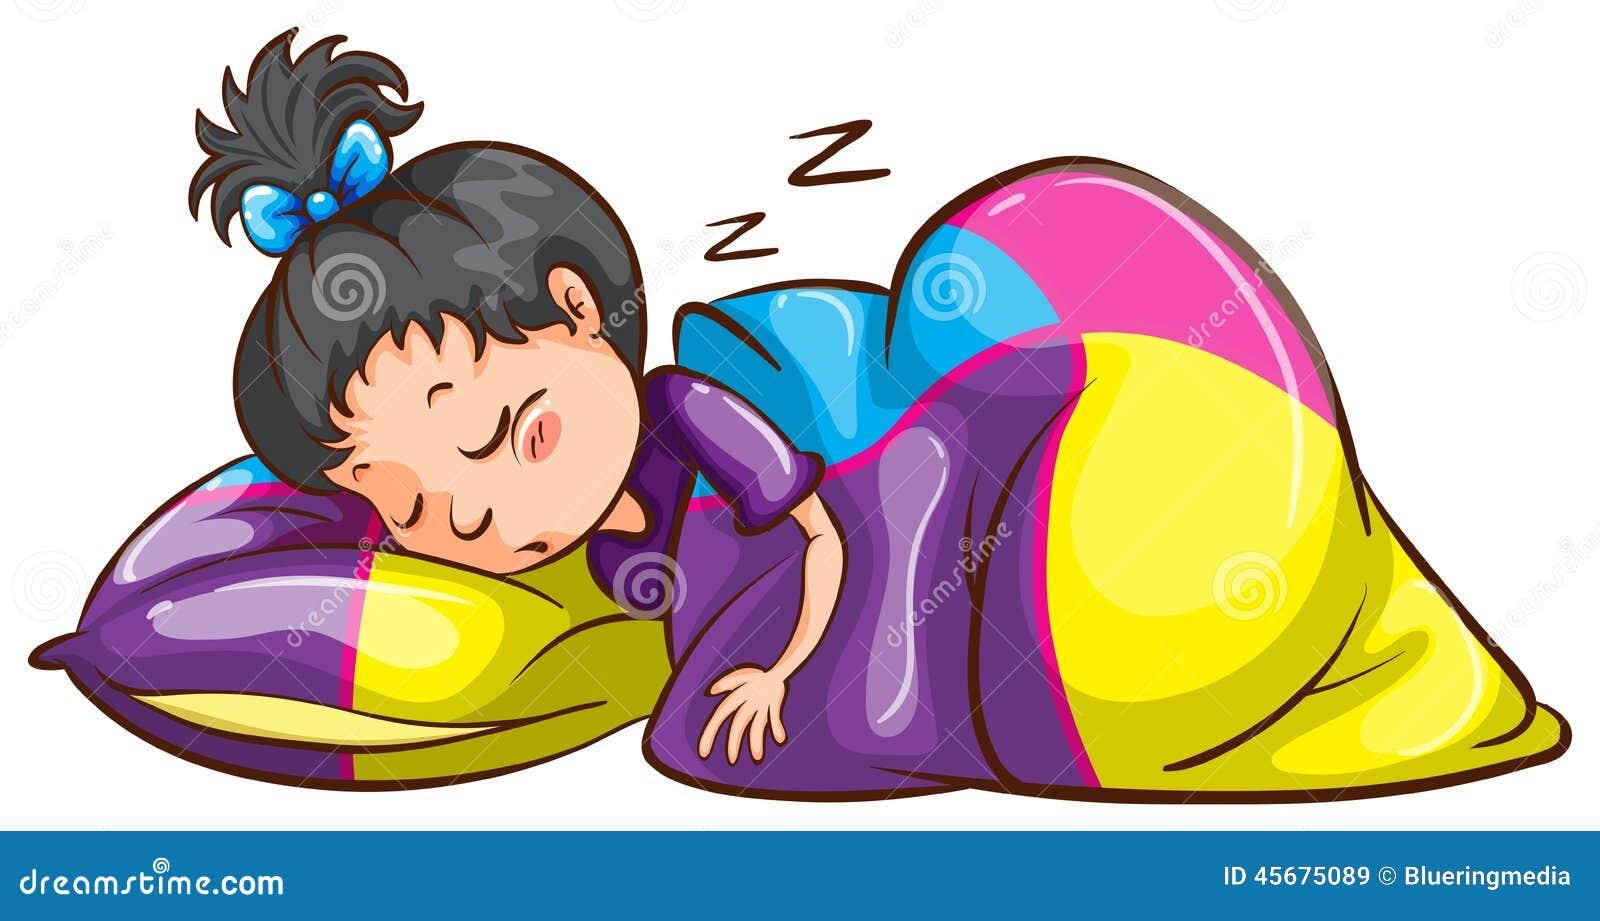 Ilustraciones femeninas  - Página 14 Little-girl-sleeping-soundly-illustration-white-background-45675089